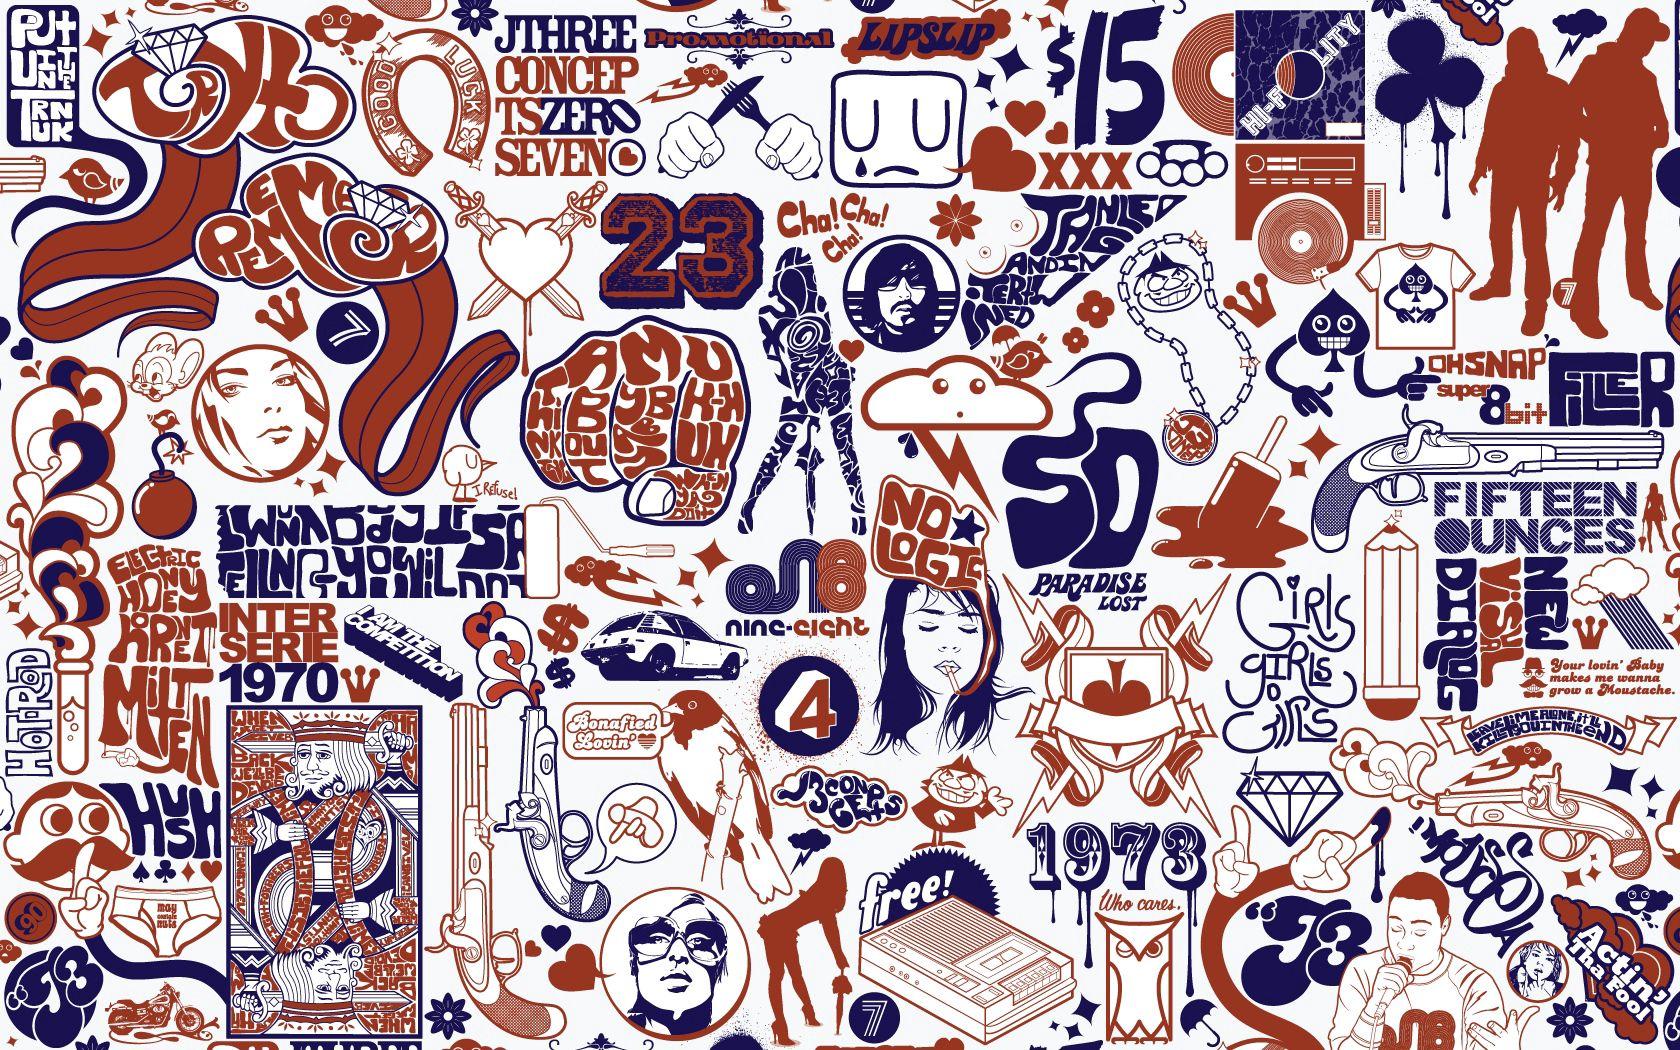 83229 Bildschirmschoner und Hintergrundbilder Bilder auf Ihrem Telefon. Laden Sie Bilder, Textur, Texturen, Viel Bilder kostenlos herunter